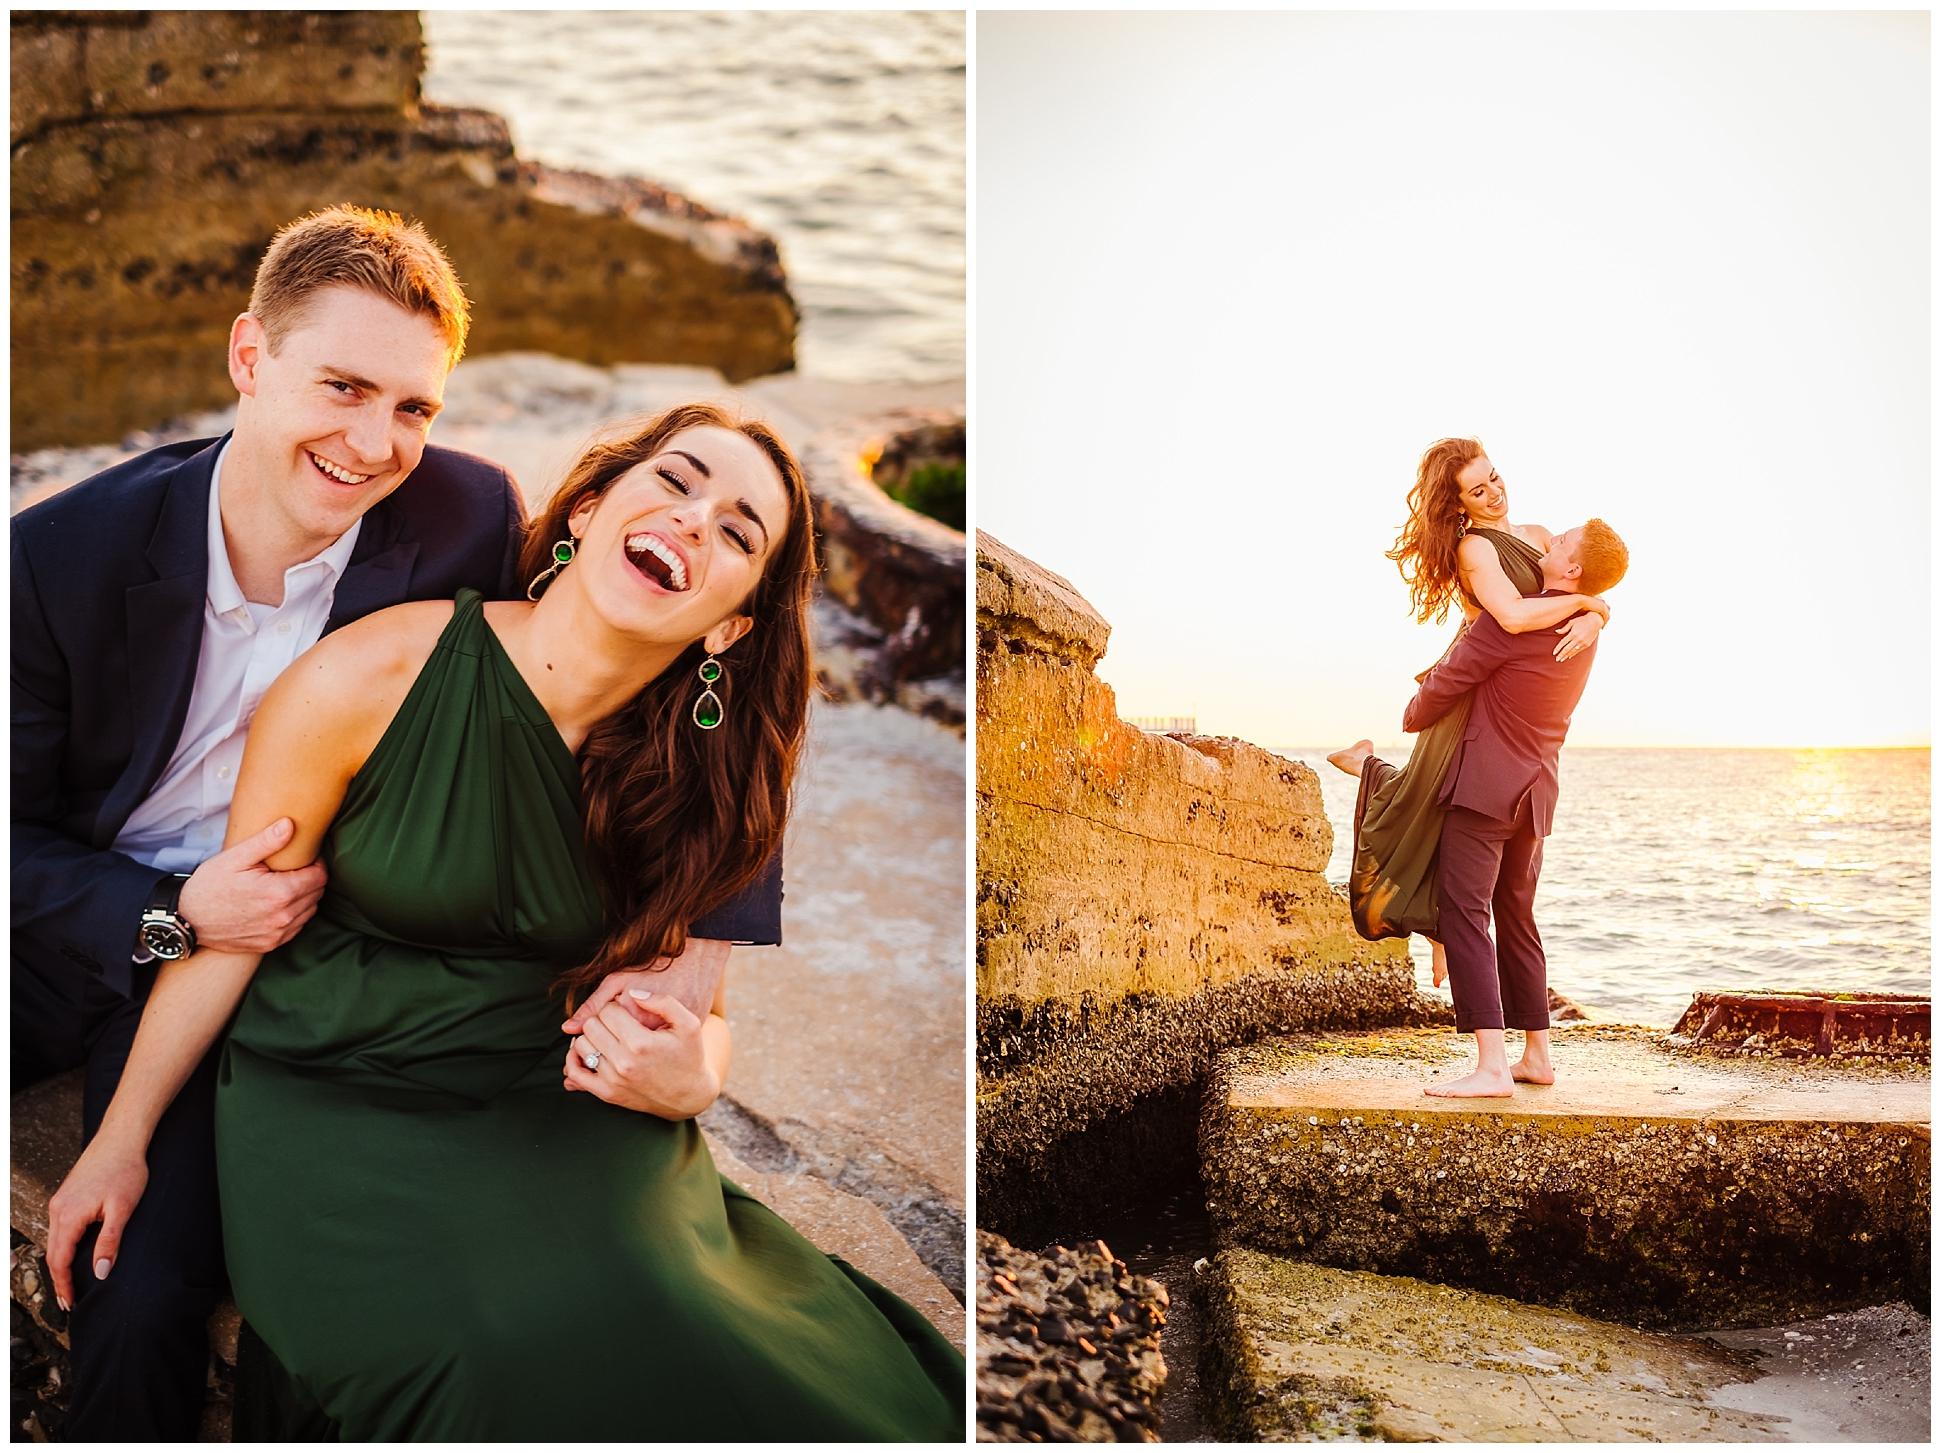 tampa-fort de soto-beach-green dress-water-love-engagement_0049.jpg